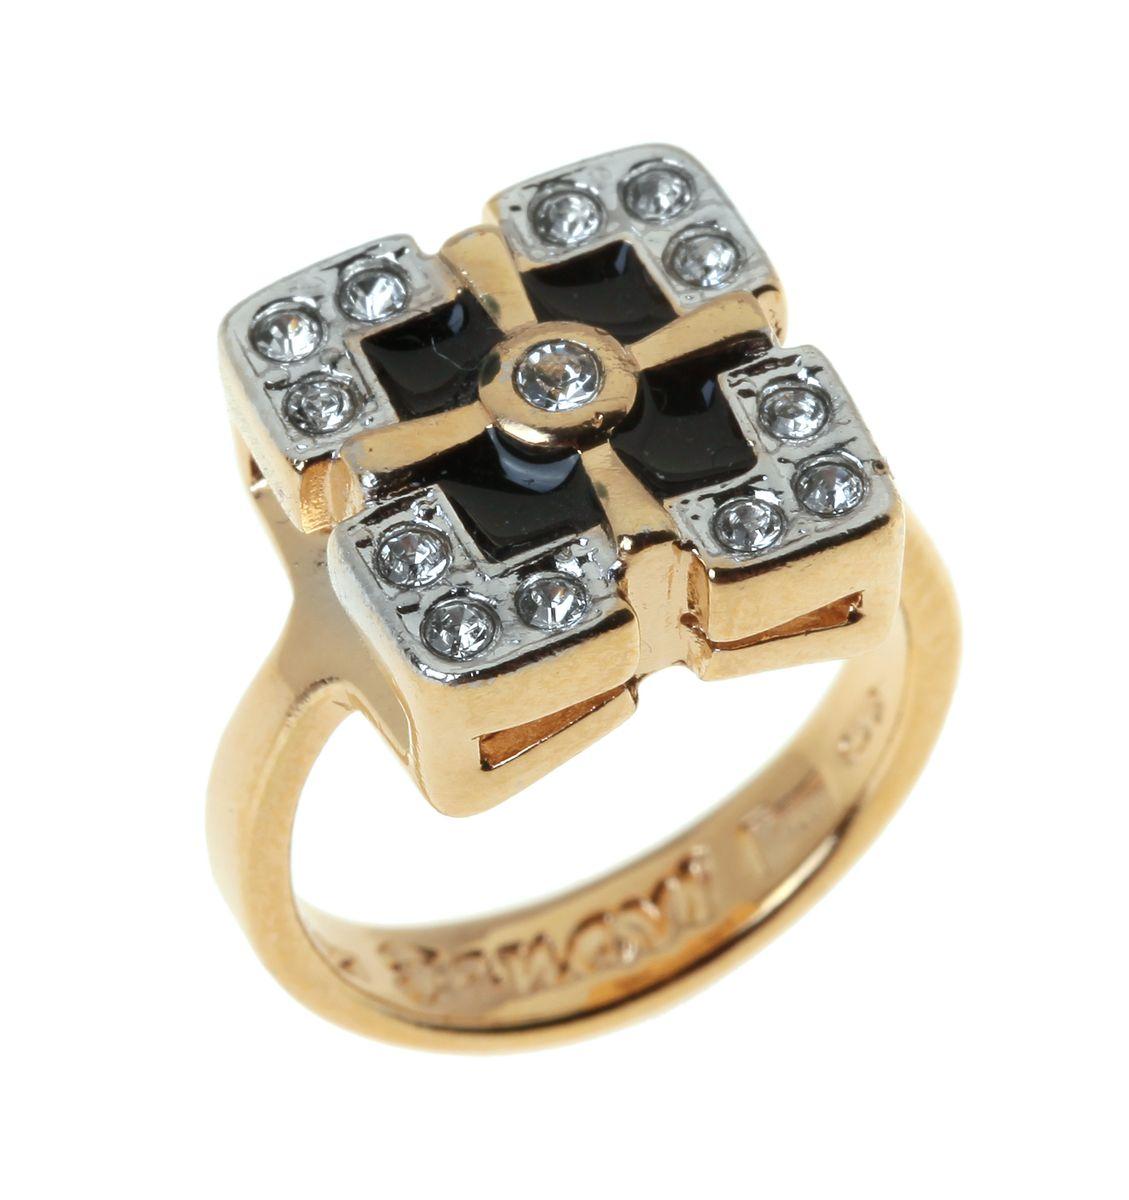 Jenavi, Коллекция Эллада (кольца), Радамера (Кольцо), цвет - золотой, черный, размер - 16. j679q0e6j679q0e6Коллекция Эллада (кольца), Радамера (Кольцо) гипоаллергенный ювелирный сплав,Позолота с родированием, вставка Эмаль , цвет - золотой, черный, размер - 16